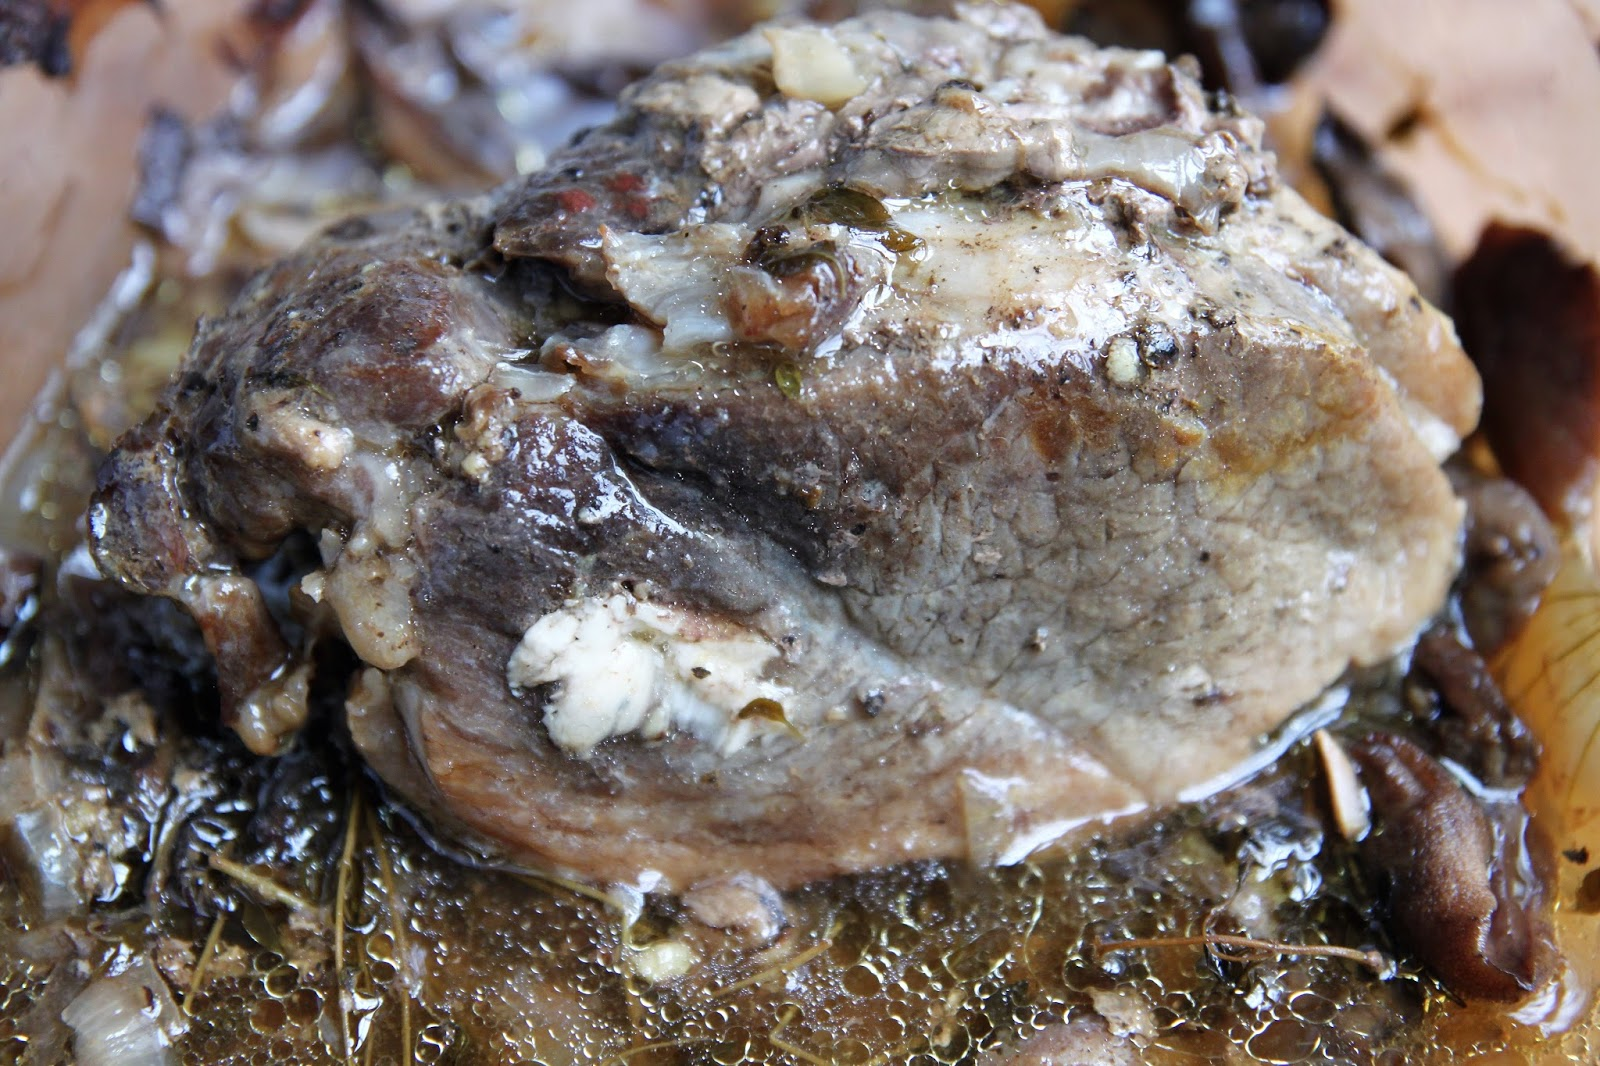 Pieczeń z łopatki z grzybami leśnymi